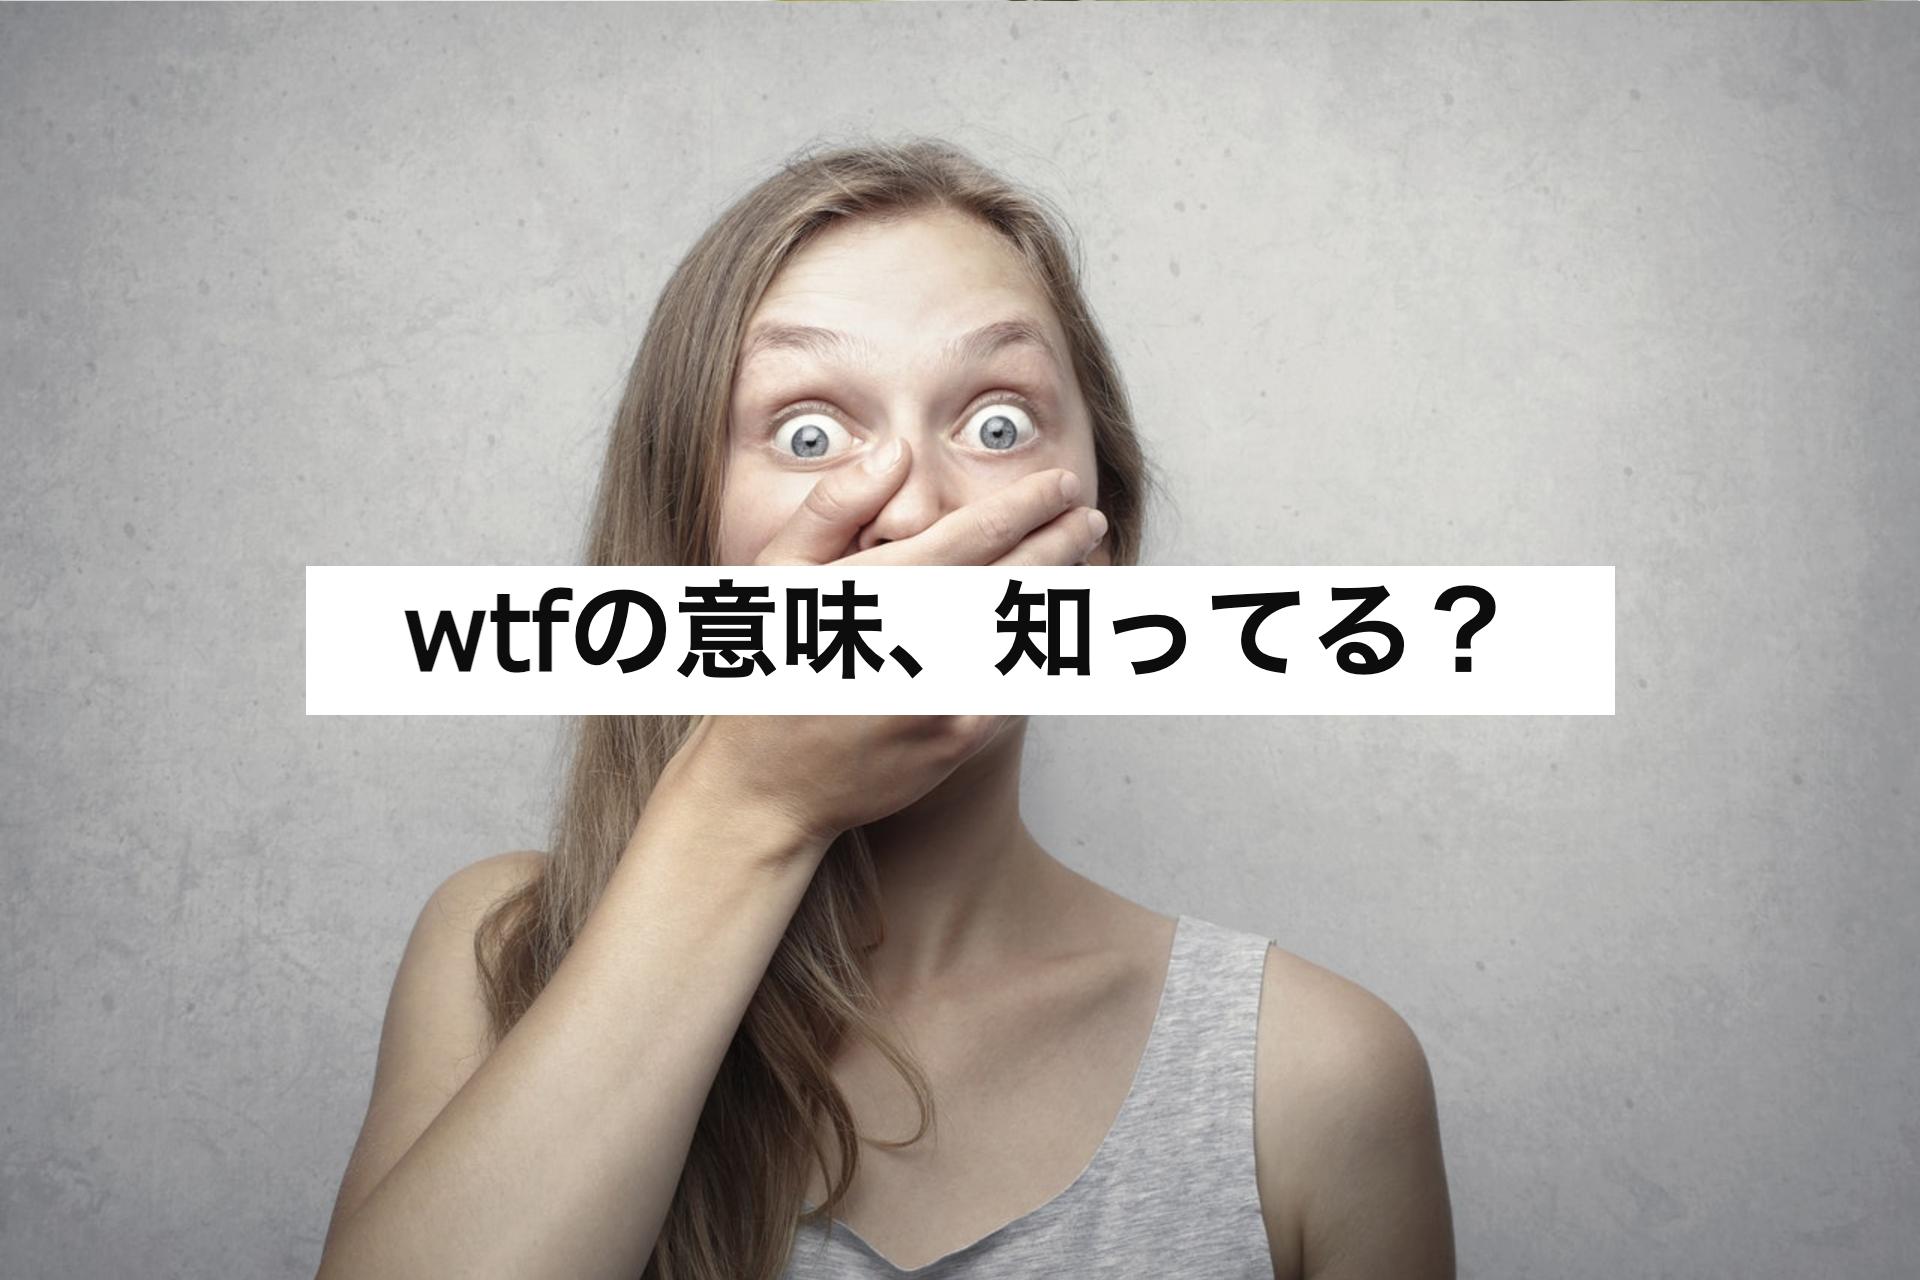 『wtf』の意味が知りたい!使うシーンや類似表現、返し方も紹介